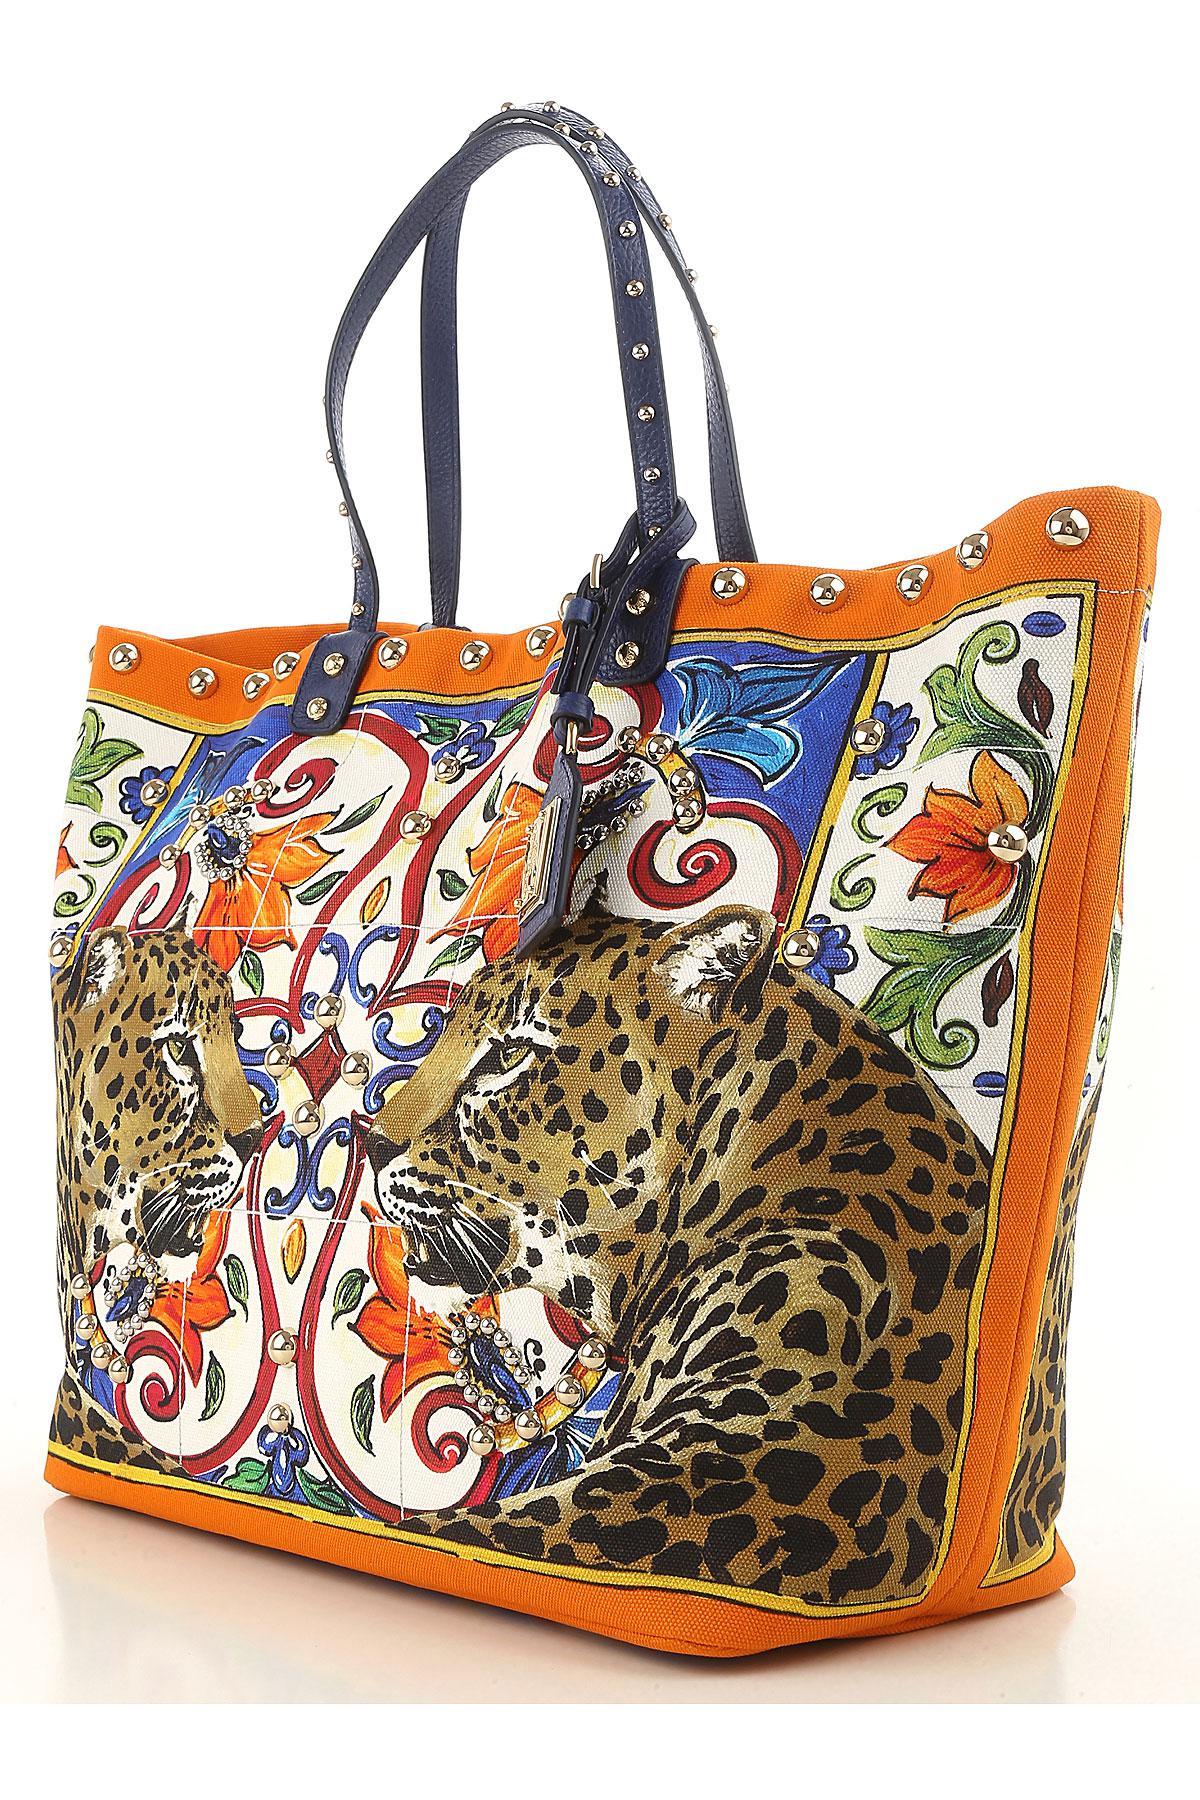 375ca5d5b9391 Dolce   Gabbana - Blue Sac Cabas Pas cher en Soldes - Lyst. Afficher en  plein écran